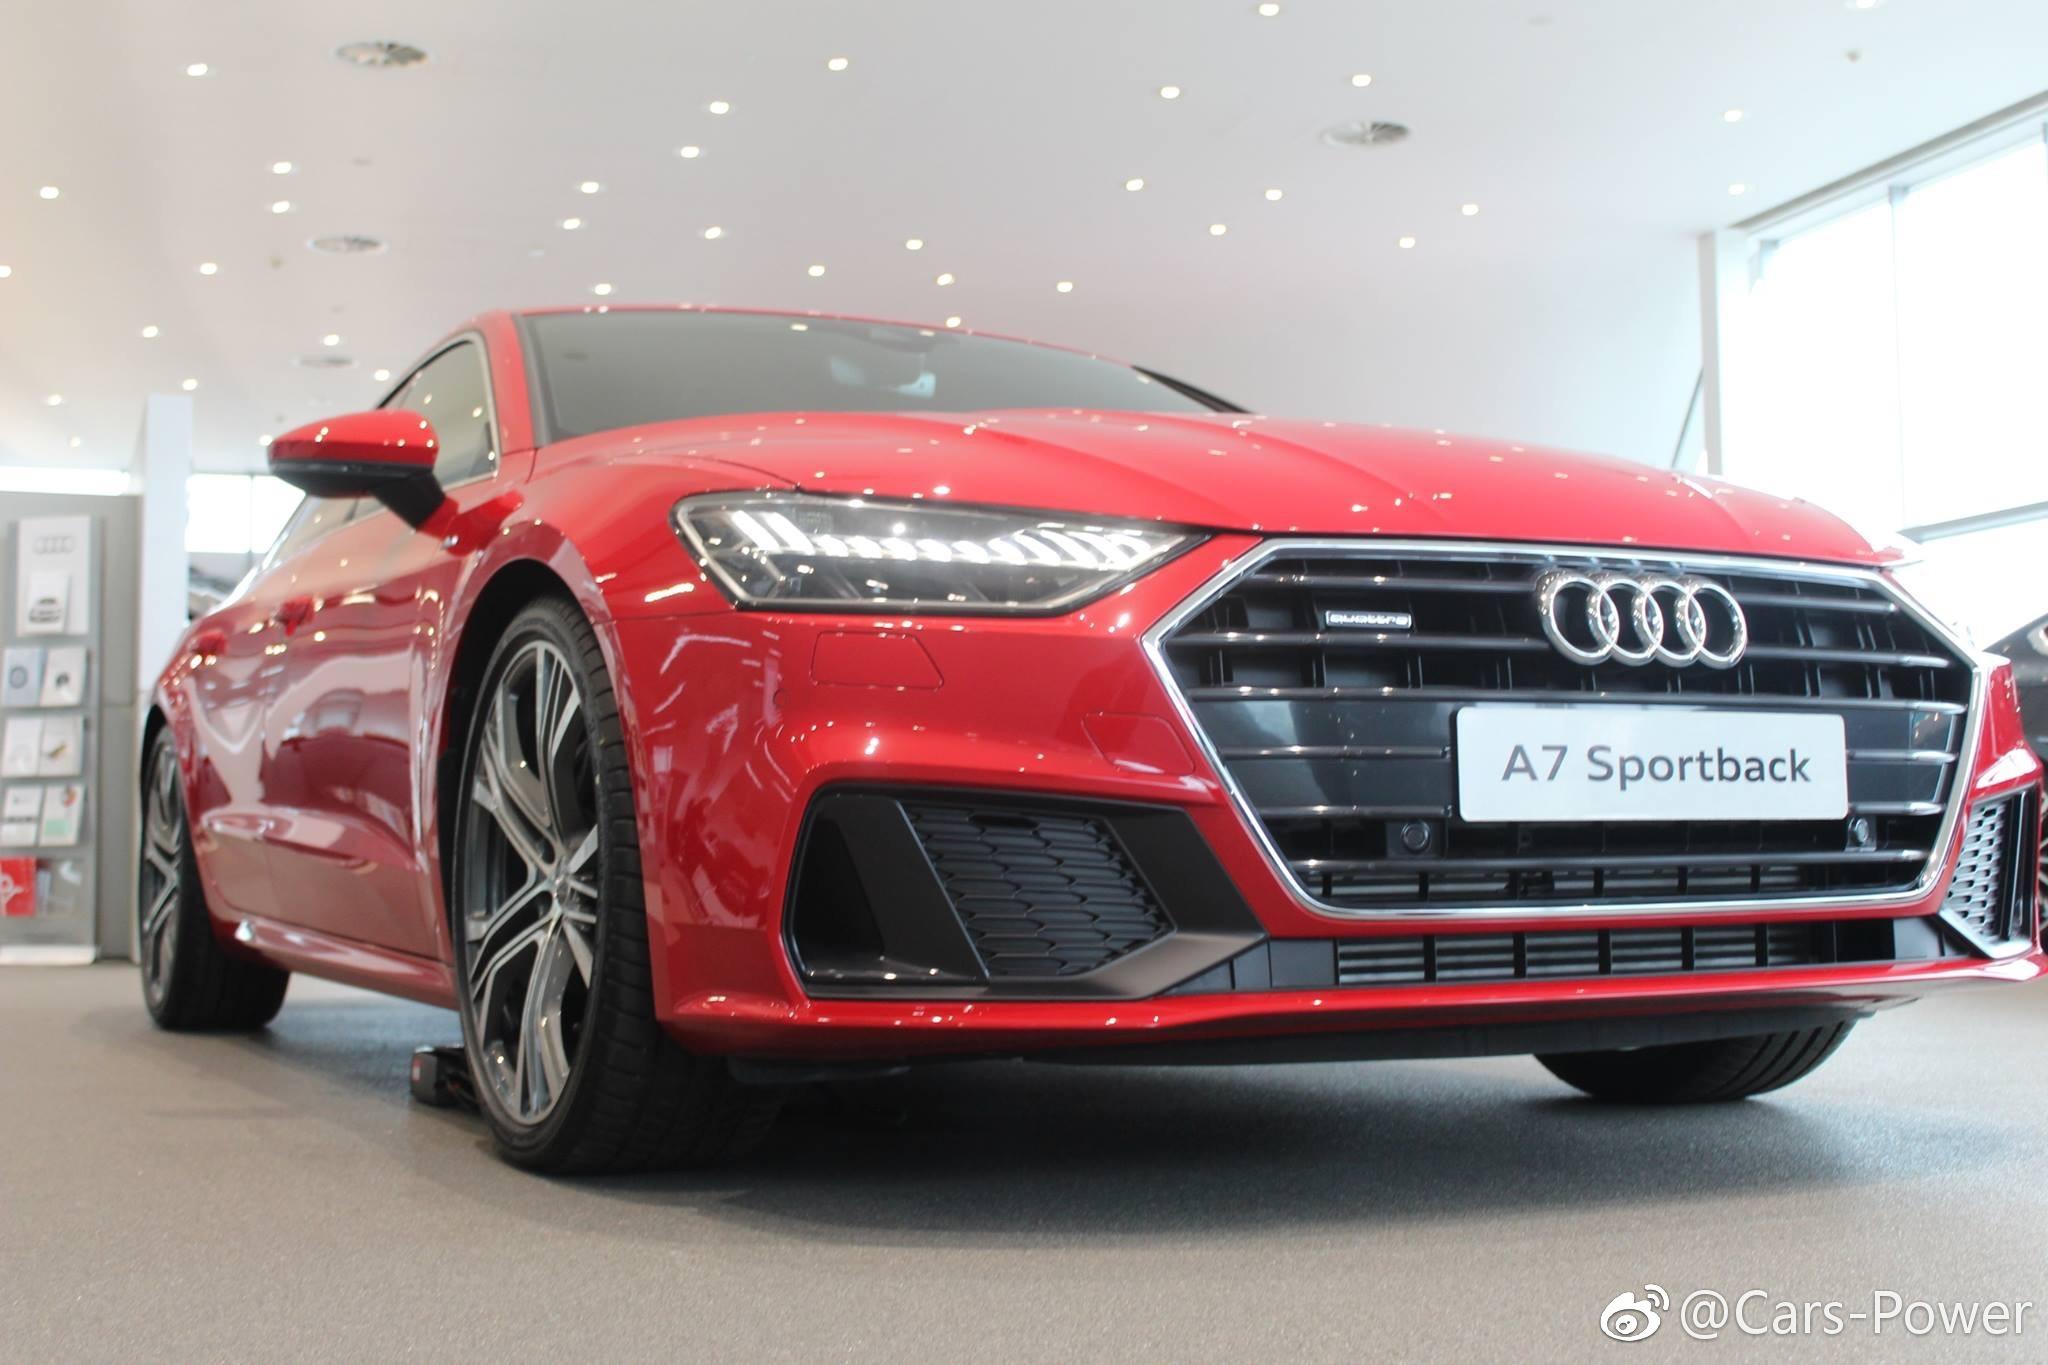 红色的新奥迪A7太美了